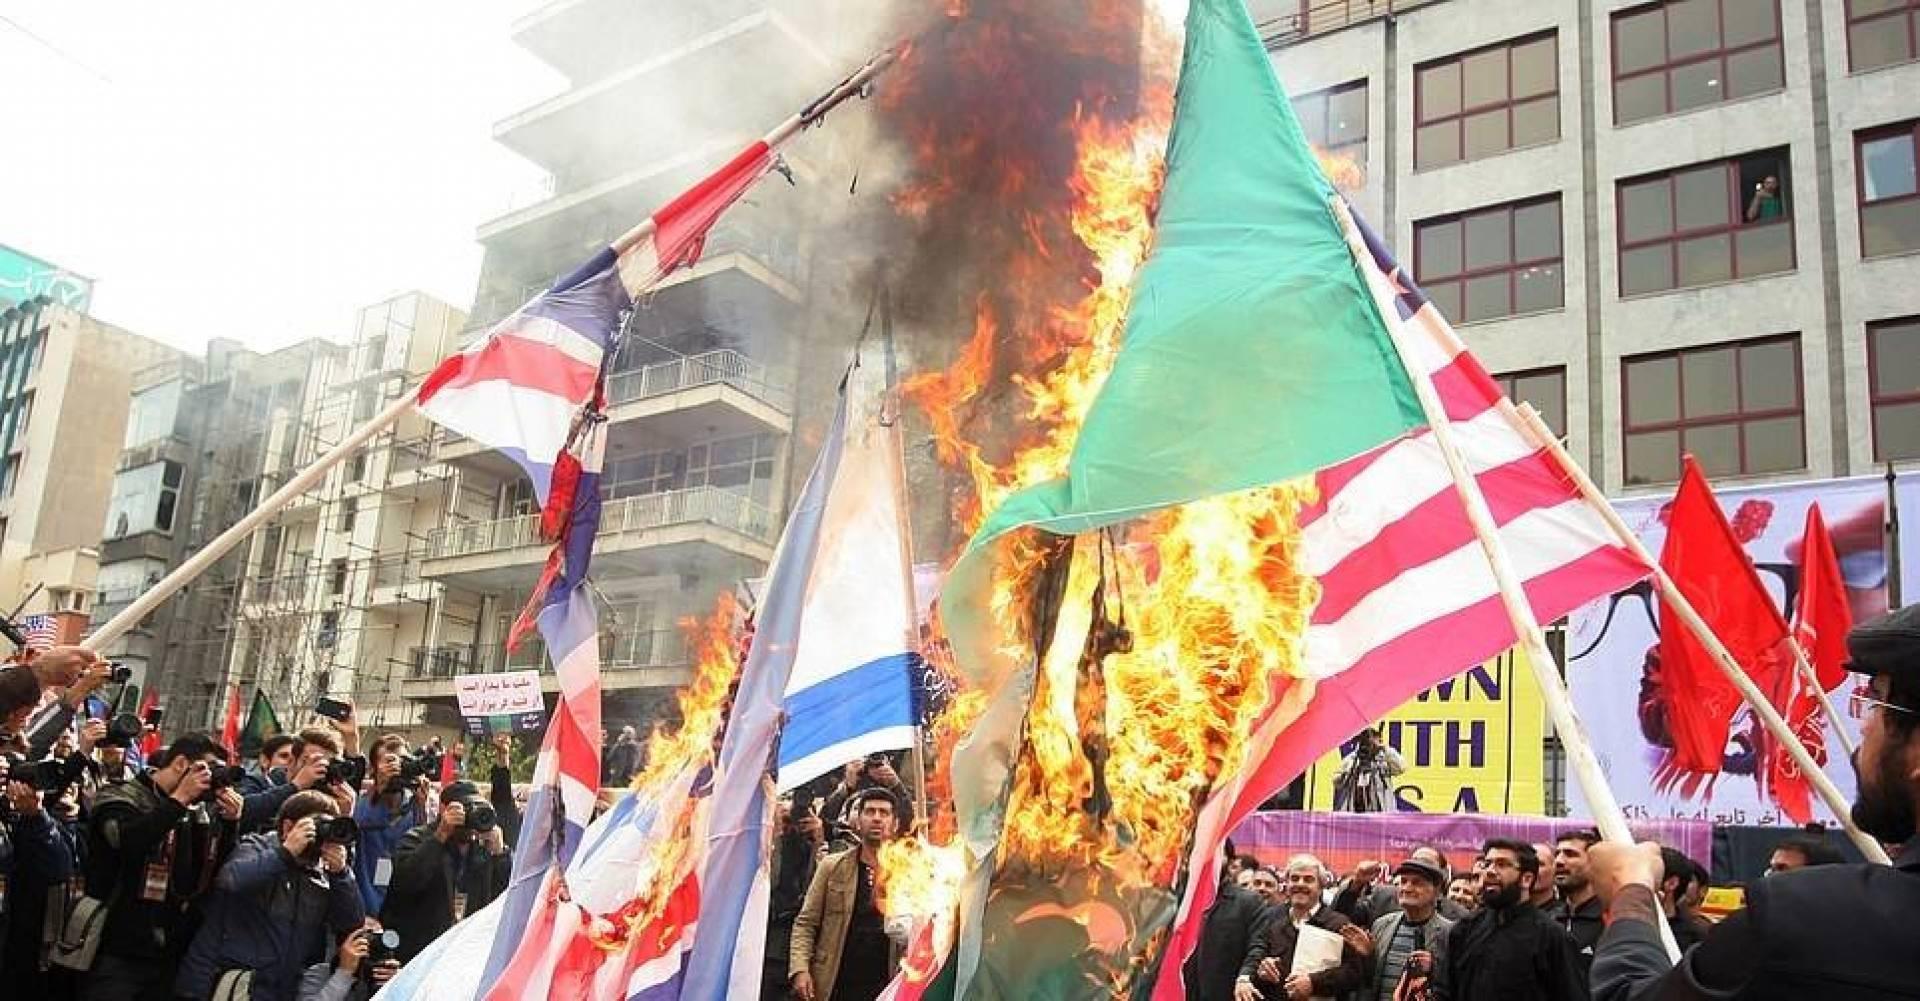 ازدهار صناعة الأعلام الأميركية والبريطانية في إيران